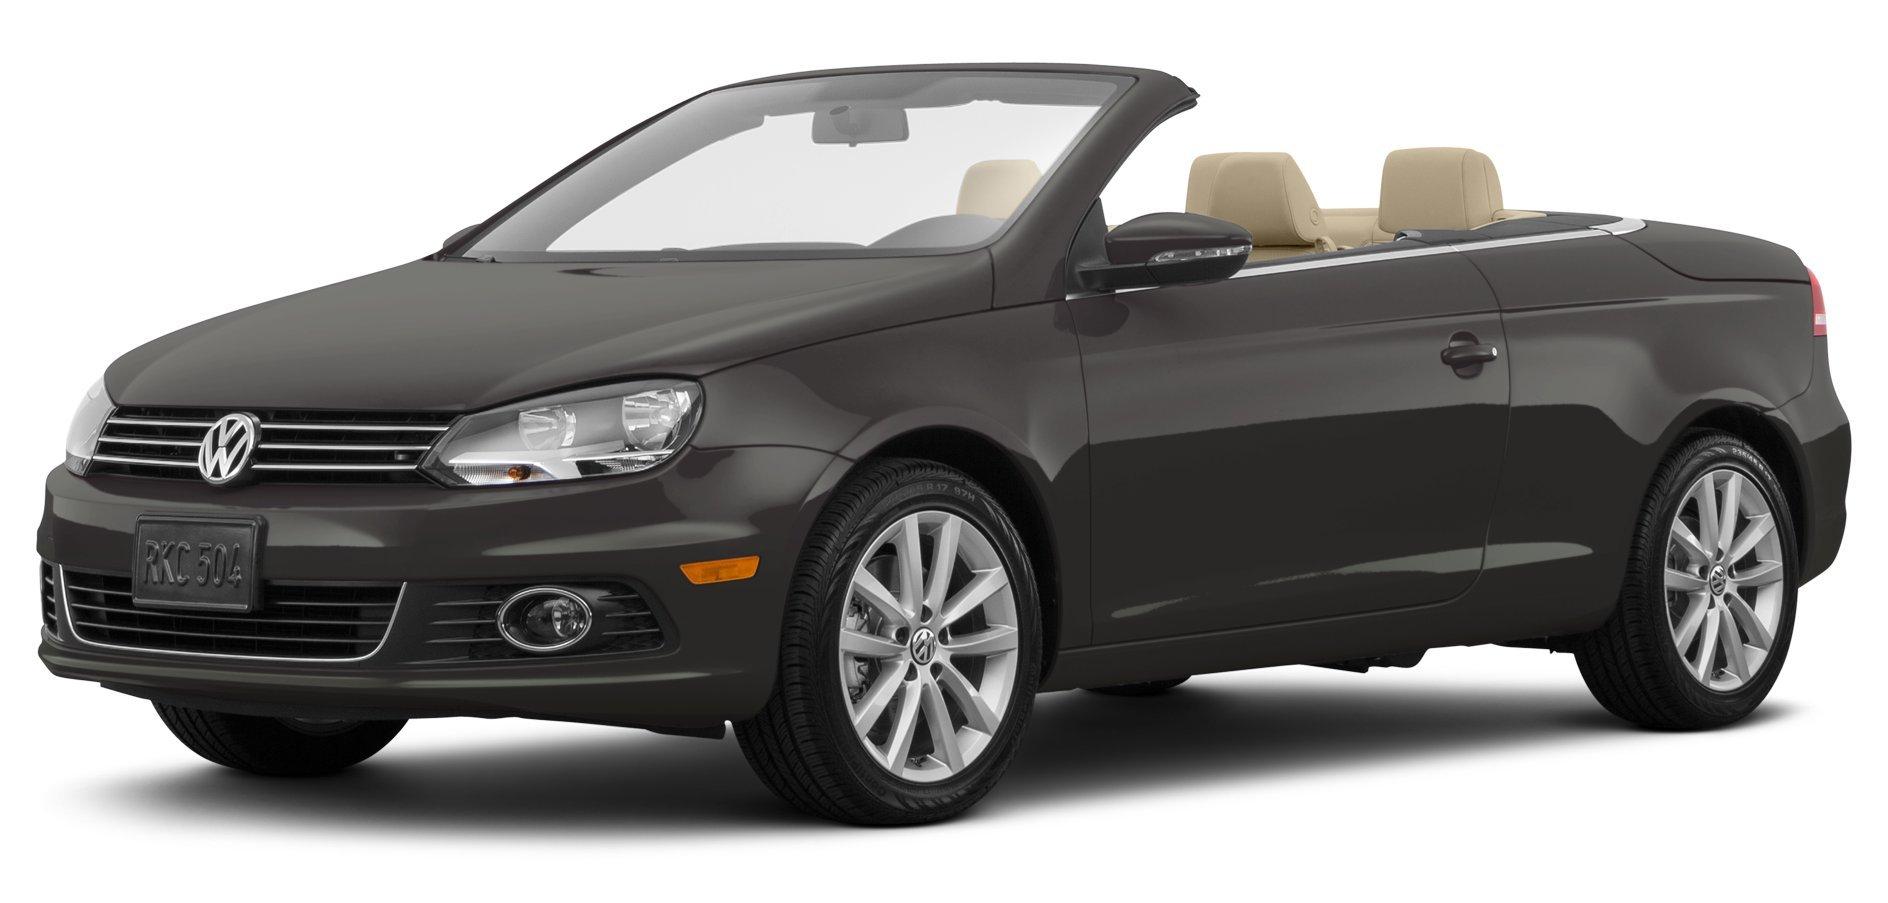 ... 2016 Volkswagen Eos Komfort, 2-Door Convertible ...